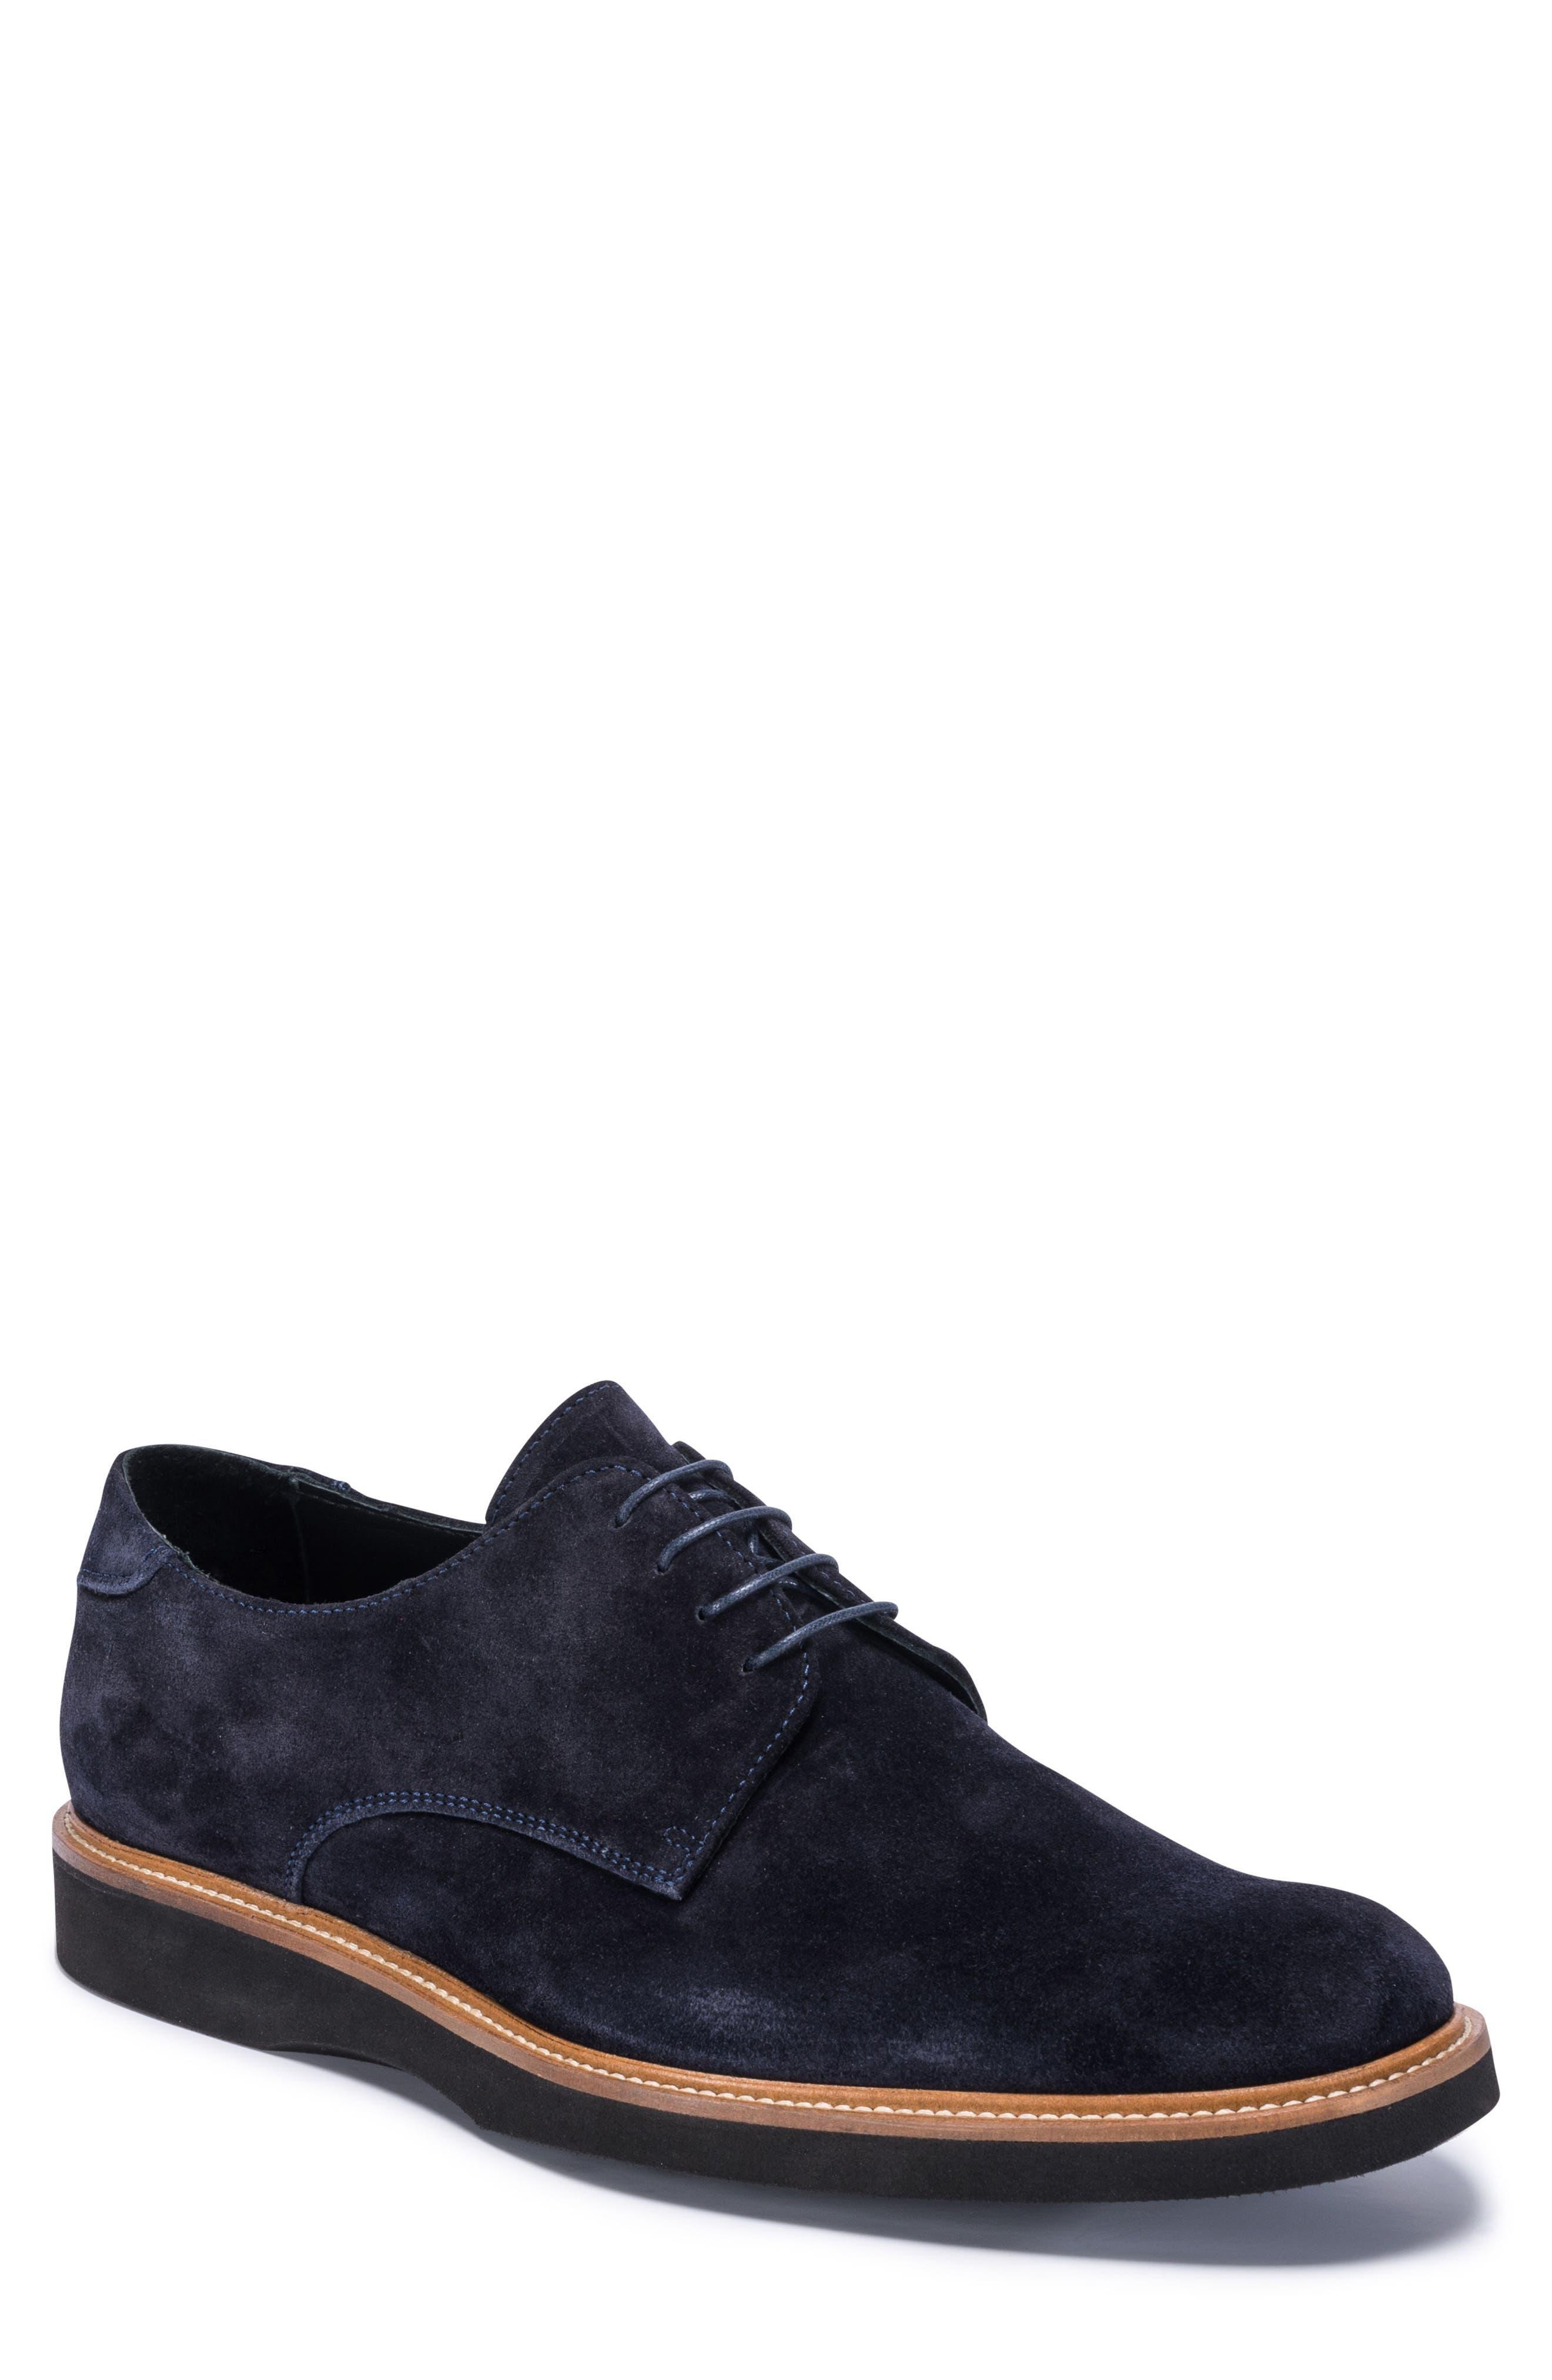 Siena Plain Toe Derby,                         Main,                         color, BLUE SUEDE